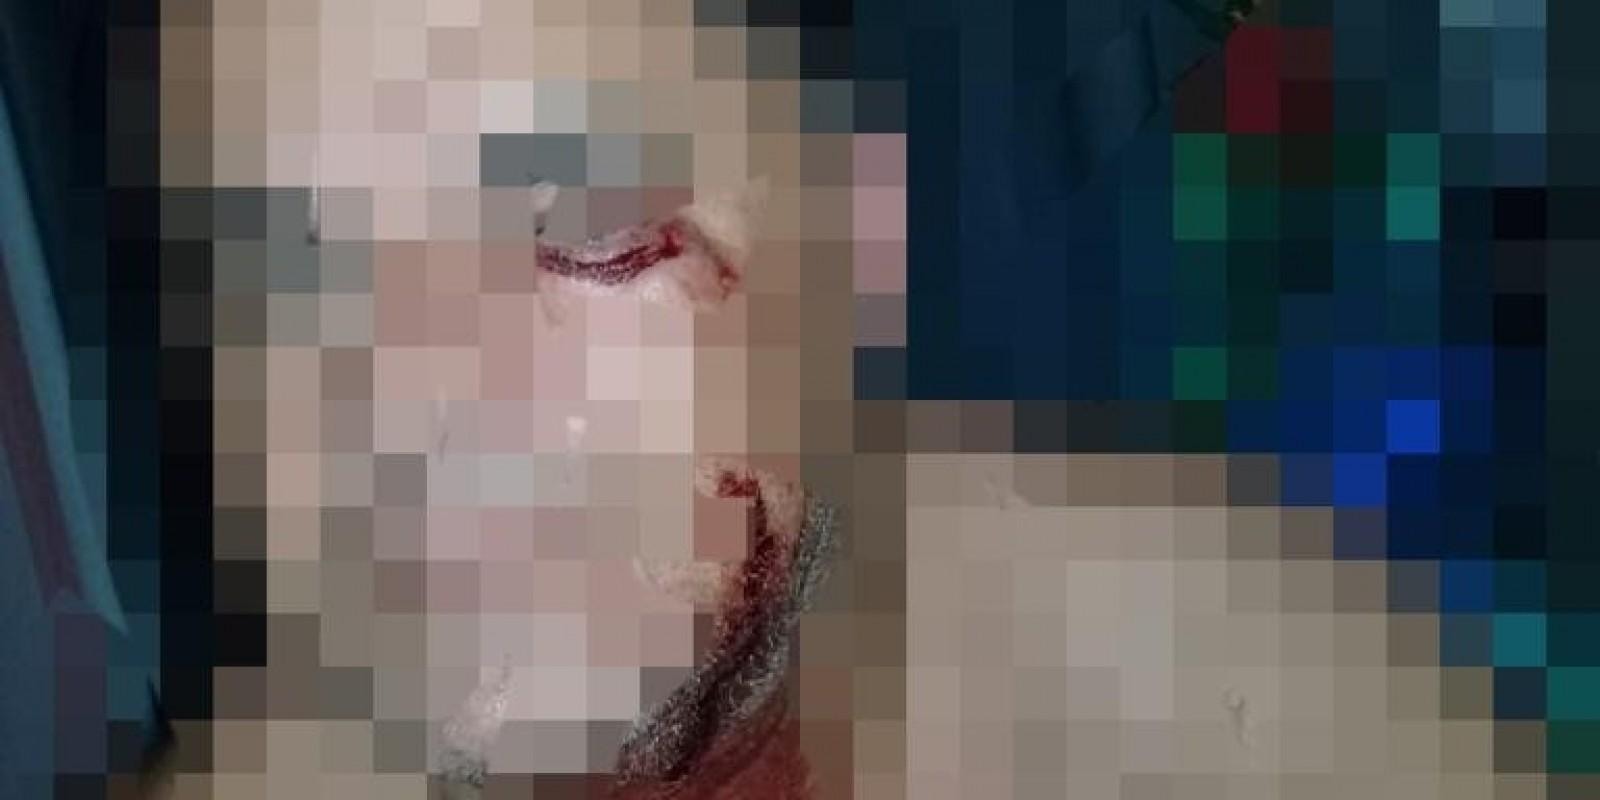 Homem foi agredido a paulada em Braço do Norte e recebe ameaça